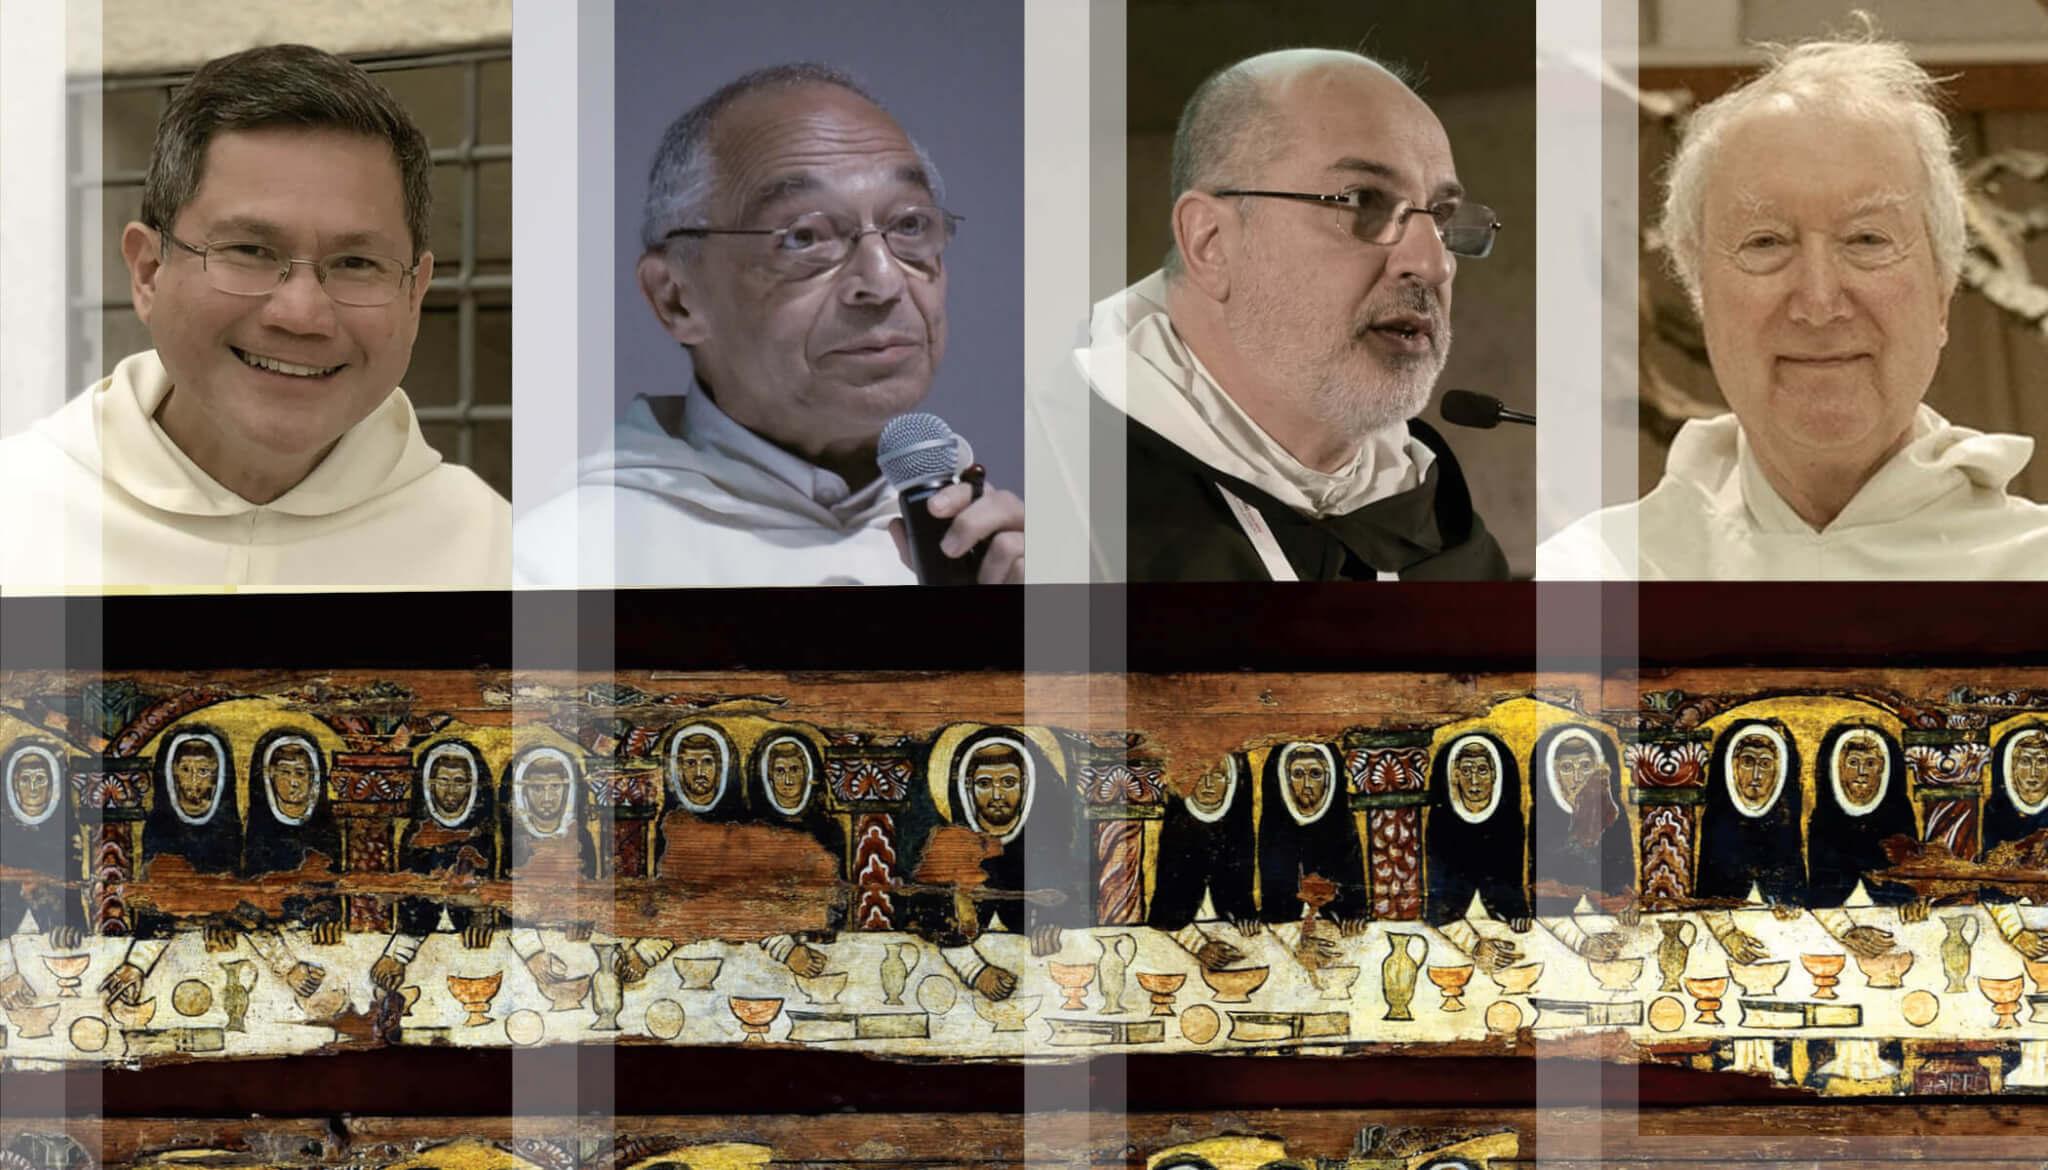 Maestros de la Orden de Predicadores: Fr. Gerard Timoner, OP / Fr. / Bruno Cadoré, OP. / Fr. Carlos  Azpiroz Costa, OP. / Fr. Timothy Radcliffe, OP